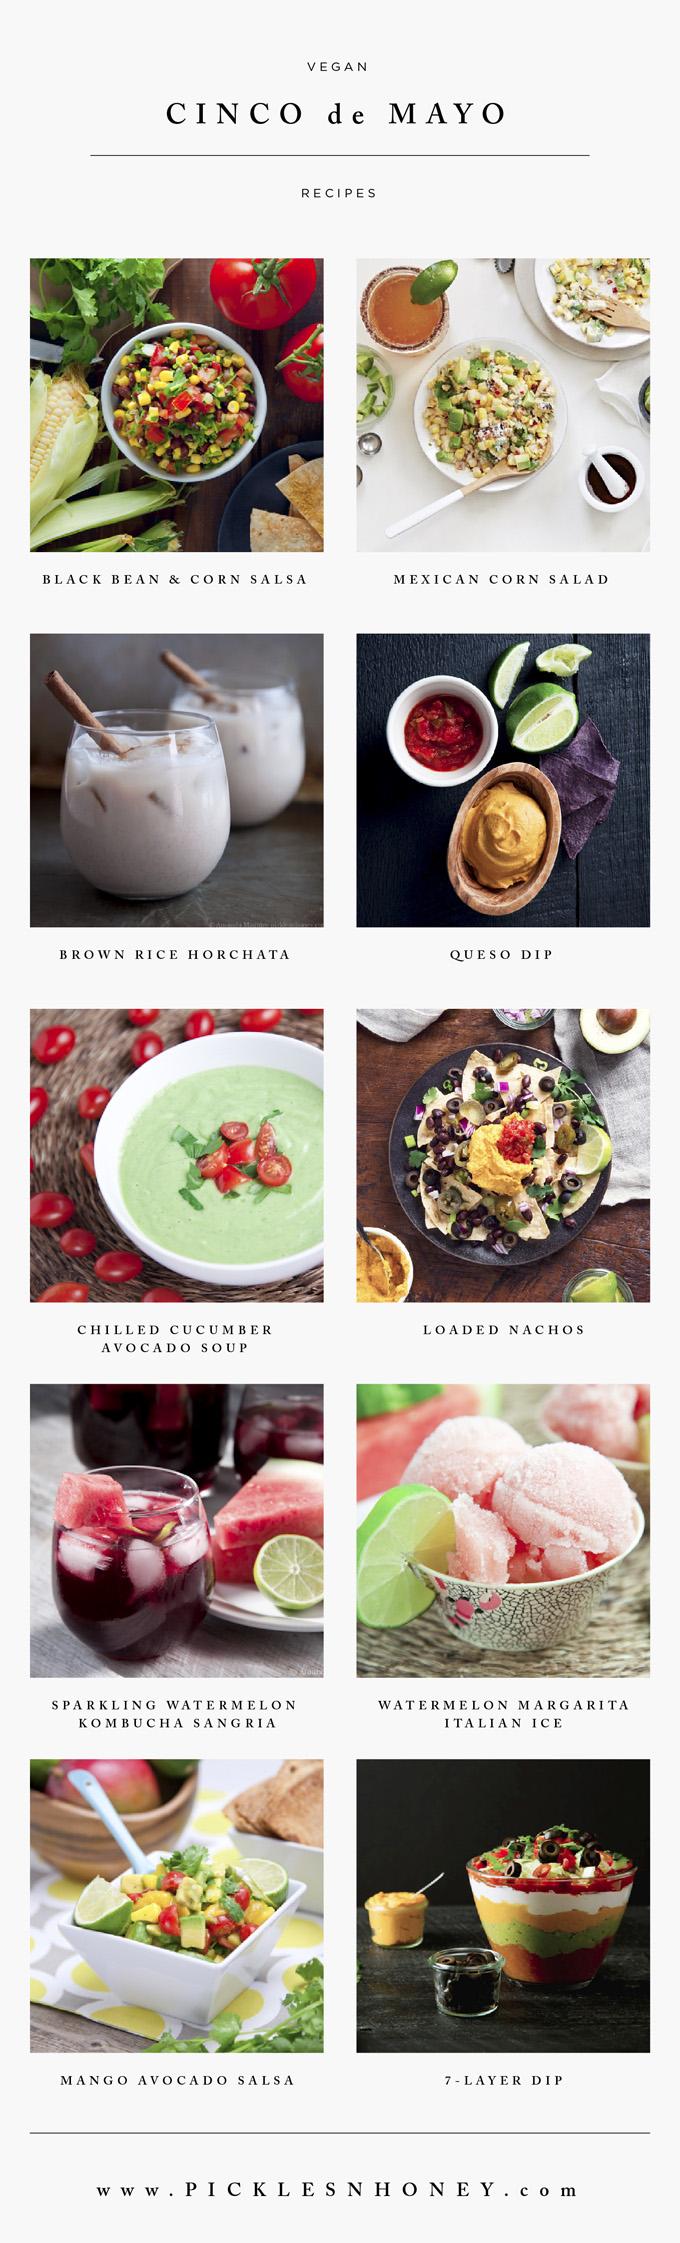 Simple Vegan Cinco de Mayo Recipes | picklesnhoney.com